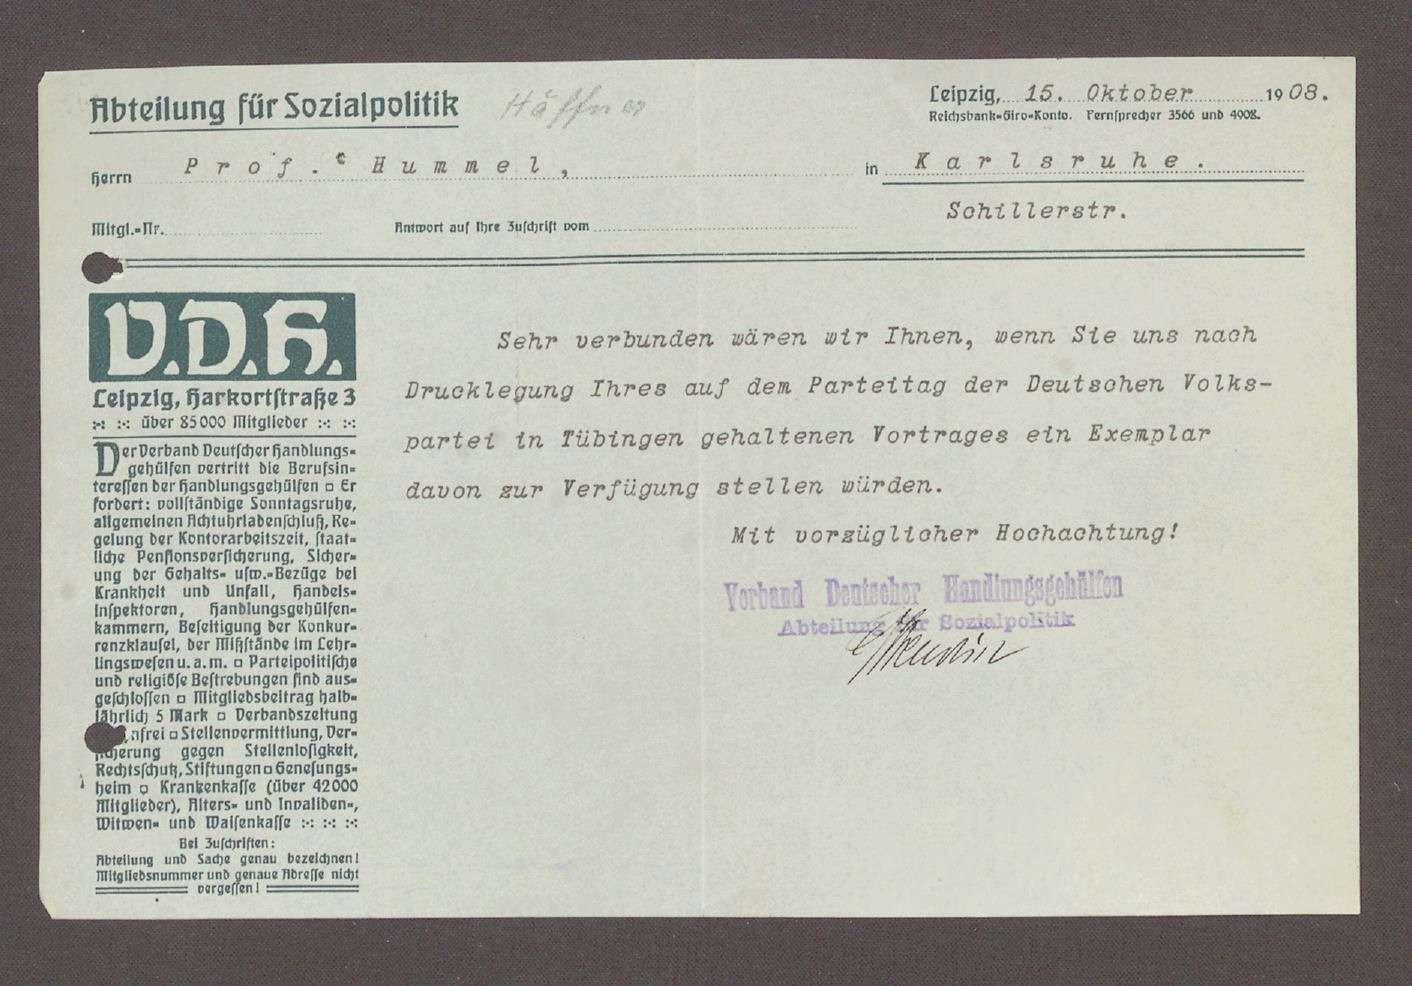 Schreiben des Verbandes Deutscher Handlungsgehilfen, Abteiung für Sozialpolitik, Leipzig, an Hermann Hummel: Bitte um die Zusendung eines Vortrags von Hummel, 1 Schreiben, Bild 1